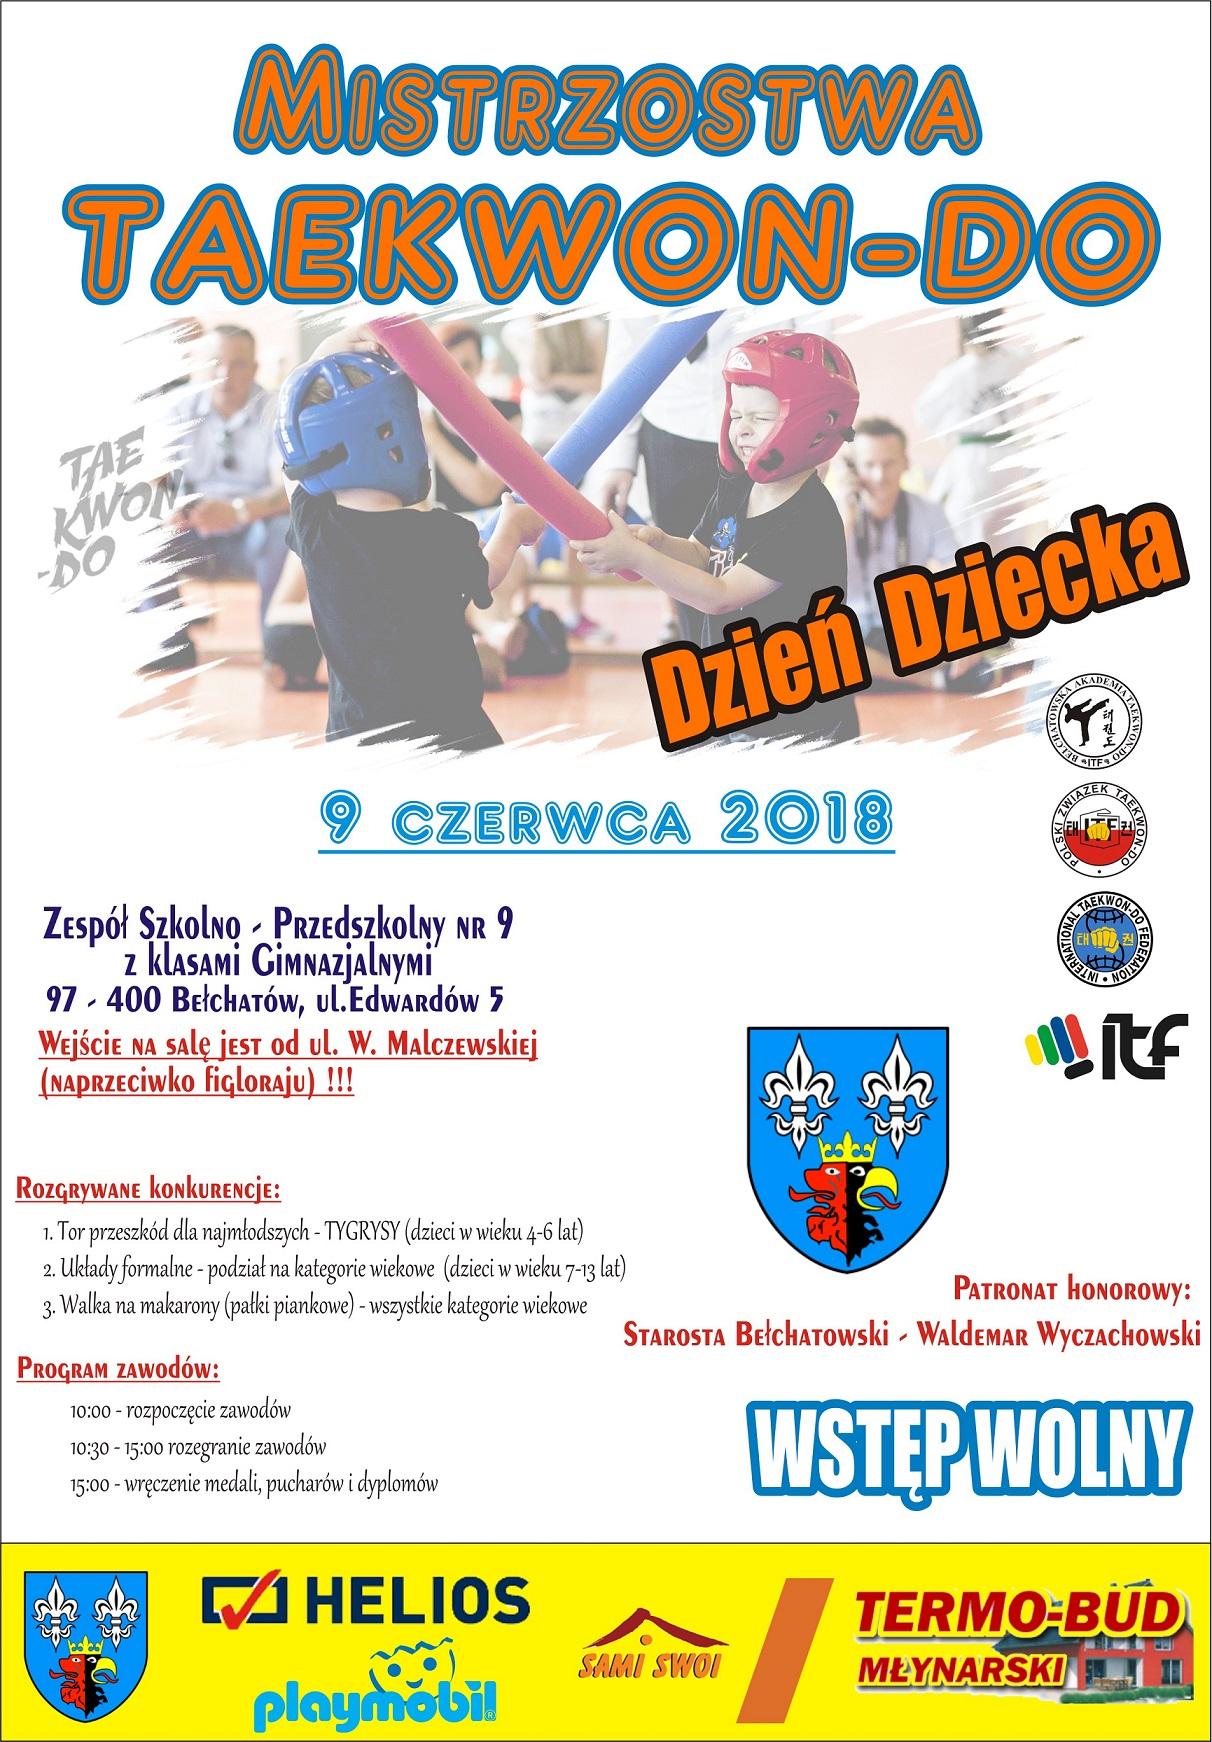 Mistrzostwa TKD - PLAKAT 2018